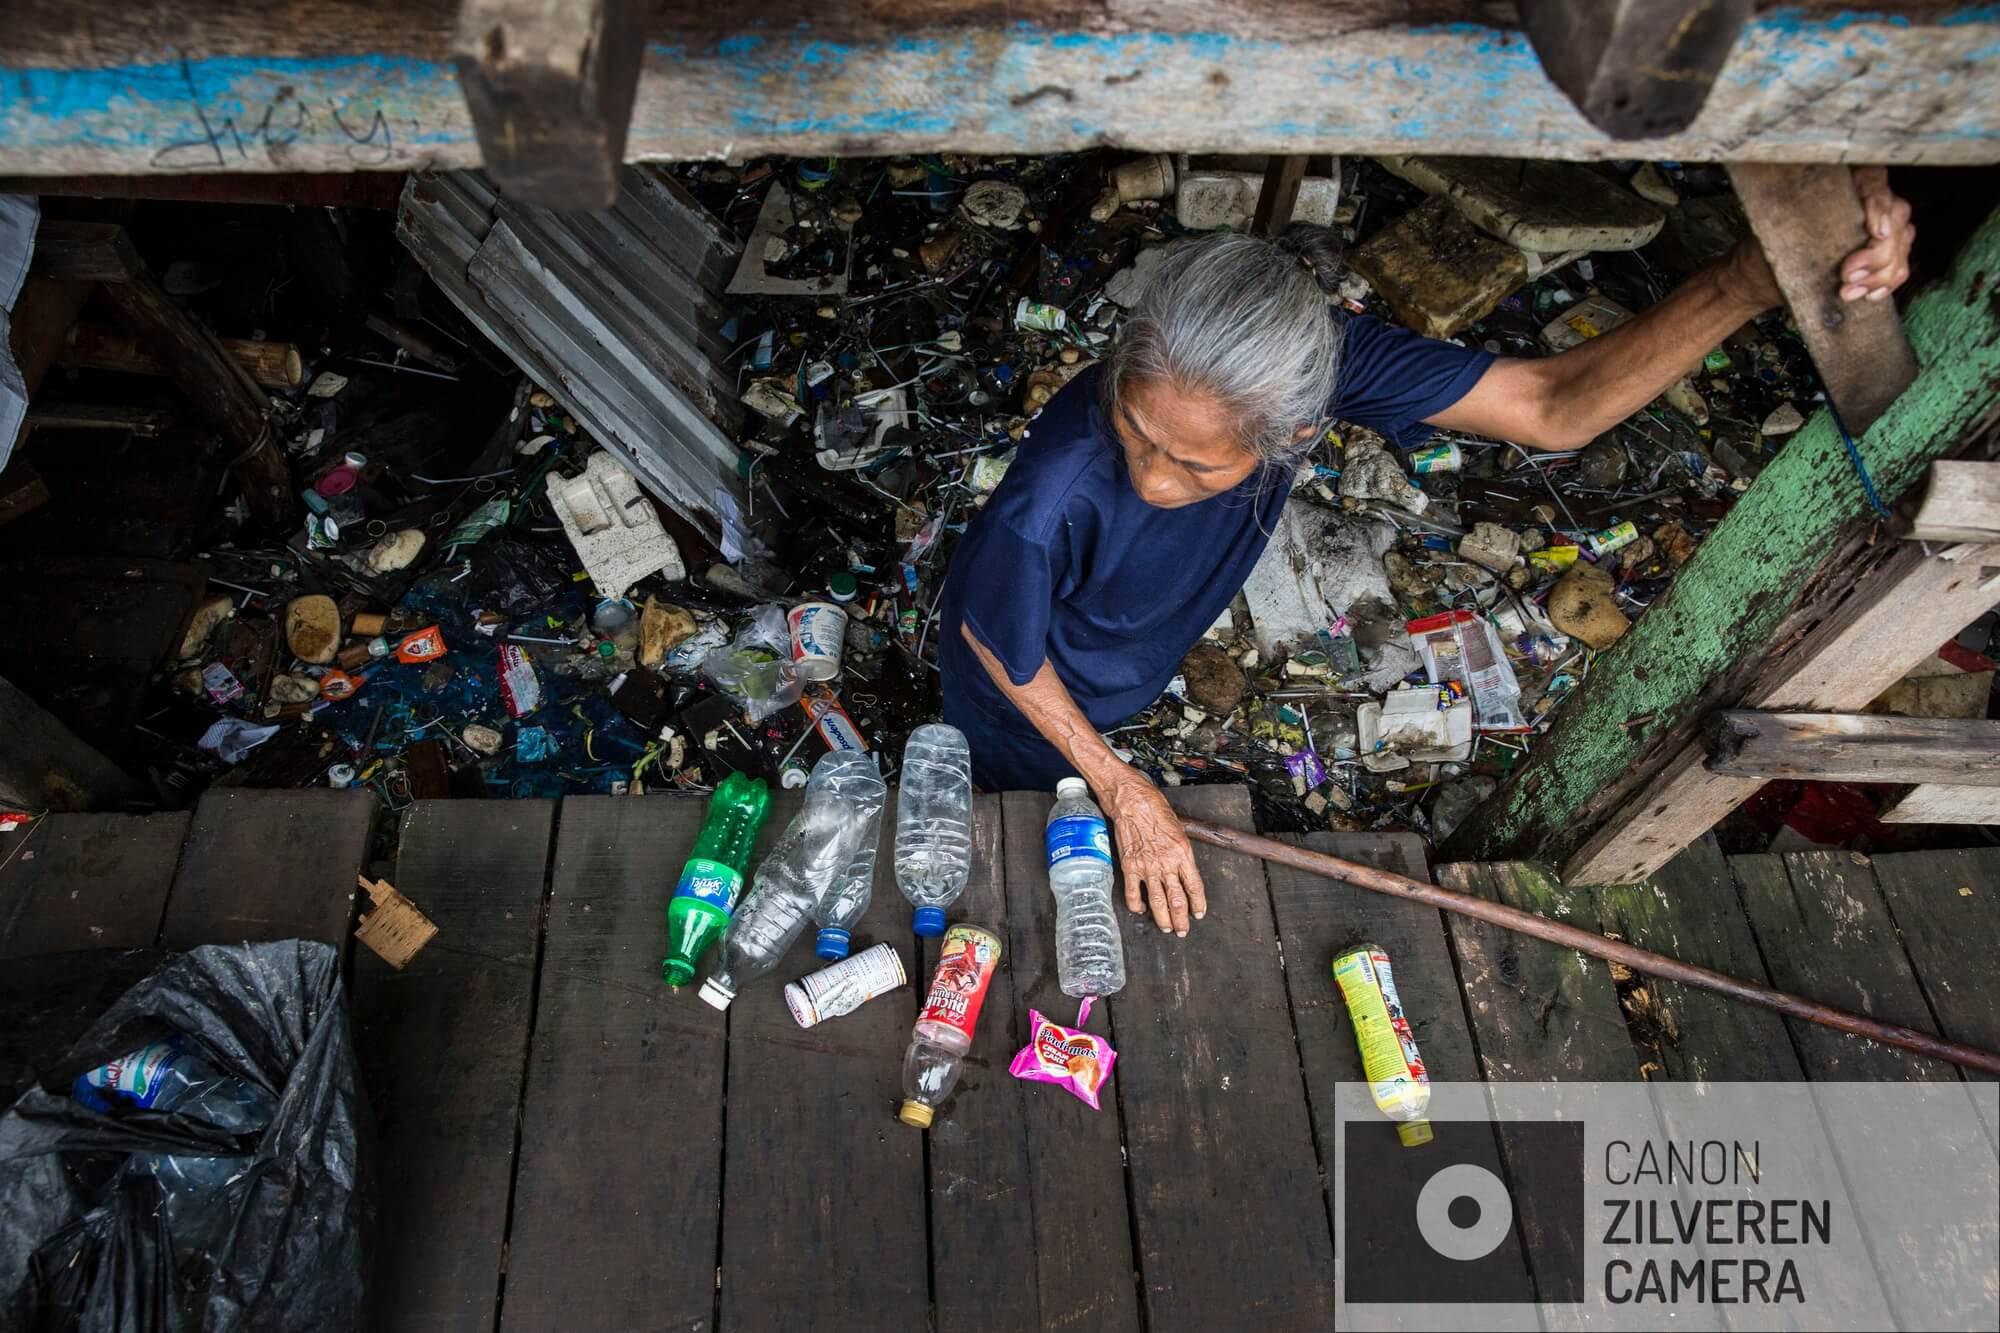 Jakarta zinkt snel, tussen 10-25 centimeter per jaar. Wanneer niets wordt gedaan zal de stad over 20-3- jaar voor een derde permanent onder water staan. Veel water gerelateerde problemen worden toegeschreven aan klimaatverandering en de verwachte zeespiegelstijging die daarmee samenhangt. Bodemdaling is onbekend en zal de absolute zeespiegelstijging tot een factor 10 overschrijden. Jakarta vertrouwd op een oude zeewering om de stad te beschermen tegen zee. Echter door bodemdaling zinkt deze muur snel weg in de grond en biedt weinig bescherming tegen het water. Zware regenval en een hoge rivierwater stand zorgen nu al voor problemen: de stad is veranderd in een omgekeerd aquarium. De zee is niet meer het laagste punt, het water kan nergens meer heen.Muara Baru, de wijk direct grenzend aan de zeewering is de laatste 4 jaar met 1 meter gezakt. De bewoners zijn zich niet of nauwelijks bewust van de dreigende situatie. In de baai van Jakarta wordt een nieuwe zeewering aangelegd om de oude te beschermen. Een inwoner raapt plastic van wat 4 jaar geleden nog de vloer van haar woonkamer was. Haar huis gebouwd boven de zee zakt snel in het water. Serie gemaakt tussen 2015 en 2018